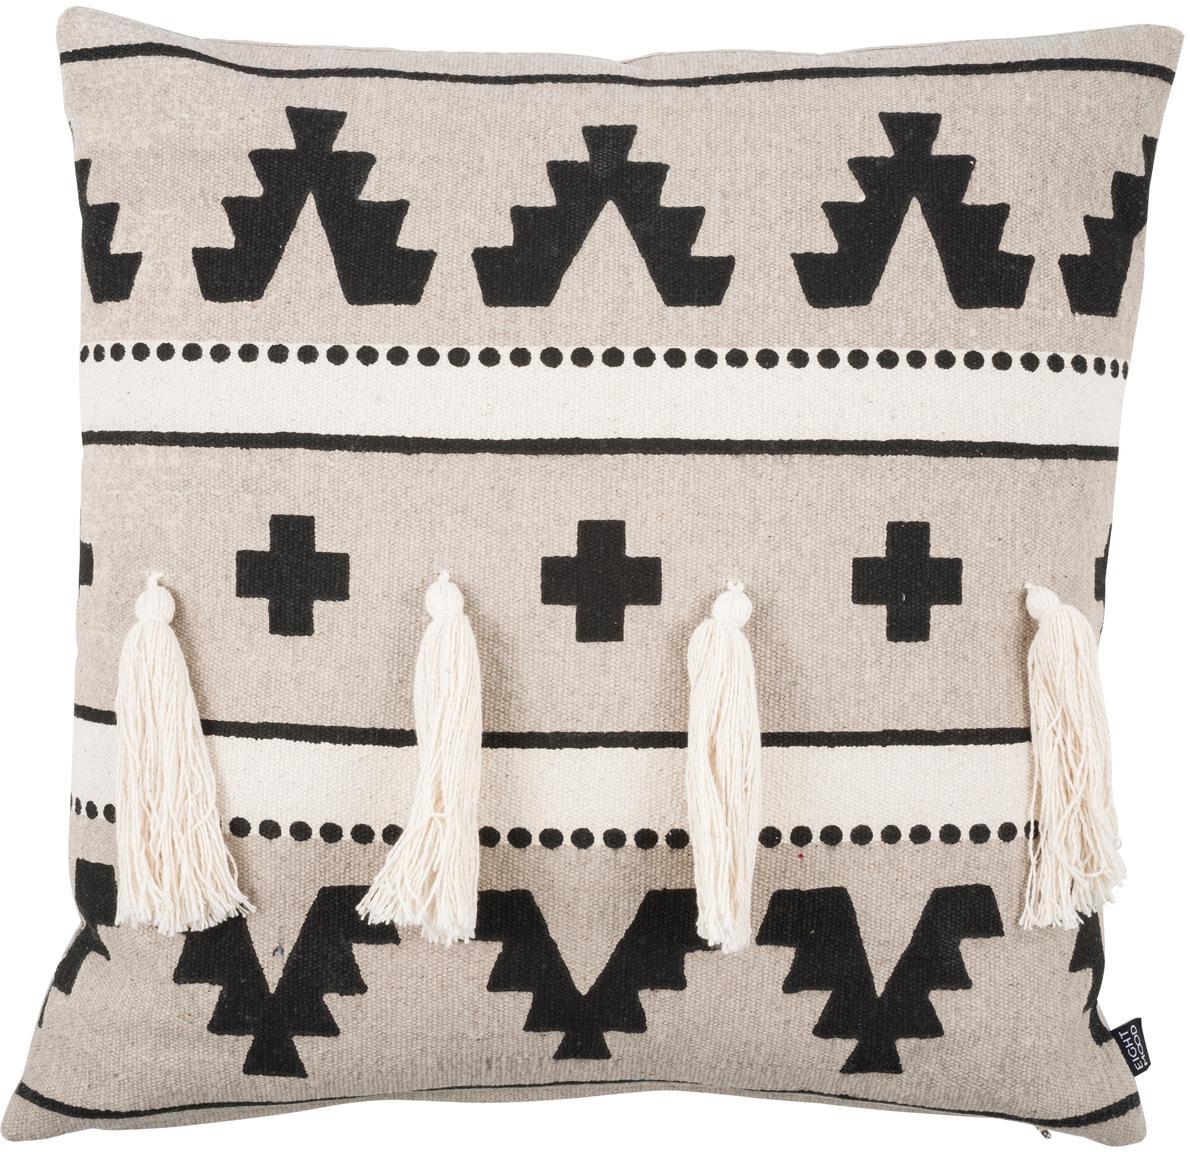 Ethno kussenhoes Wildheart met kwastjes, 100% katoen, Beige, crèmekleurig, zwart, 50 x 50 cm